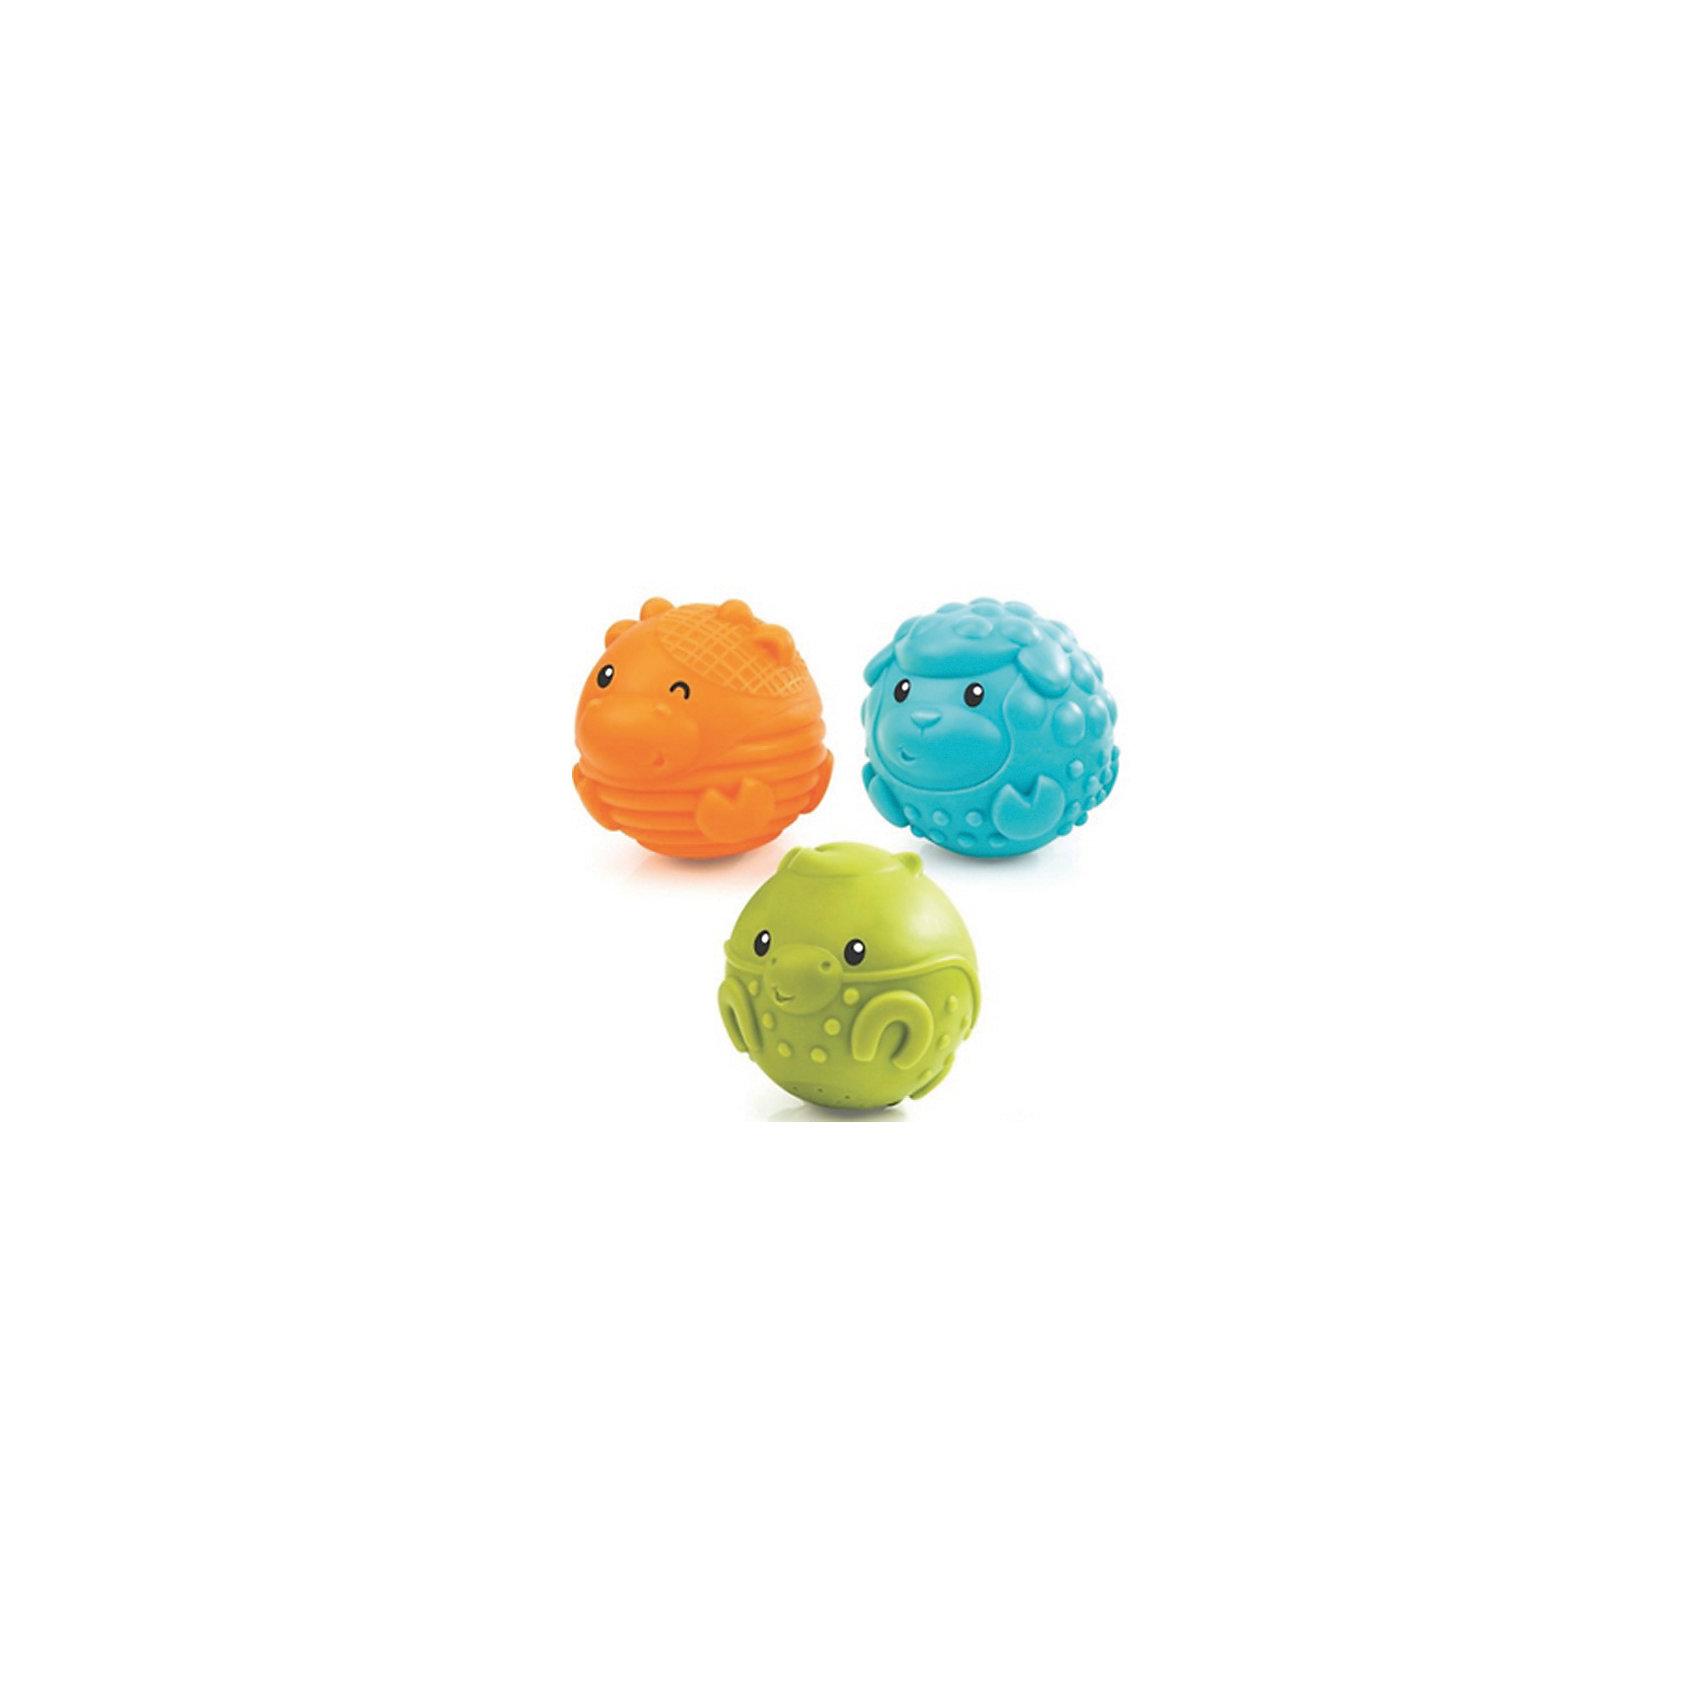 Игровые фигурки - шарики Sensory, BKidsРазвивающие игрушки<br>Развивать способности ребенка можно с самого раннего возраста. Делая это в игре, малыш всесторонне изучает мир и осваивает новые навыки. Эта игрушка представляет собой шарик Sensory, выполненный в виде зверюшки, он издаёт звук.<br>Такие игрушки способствуют развитию мелкой моторики, воображения, цвето- и звуковосприятия, тактильных ощущений и обучению. Изделие разработано специально для самых маленьких. Сделано из материалов, безопасных для детей.<br><br>Дополнительная информация:<br><br>цвет: разноцветный;<br>каждый шарик продается отдельно;<br>возраст: с полугода.<br><br>Игровые фигурки - шарики Sensory от бренда BKids можно купить в нашем интернет-магазине.<br><br>Ширина мм: 266<br>Глубина мм: 266<br>Высота мм: 82<br>Вес г: 66<br>Возраст от месяцев: 6<br>Возраст до месяцев: 36<br>Пол: Унисекс<br>Возраст: Детский<br>SKU: 5055383